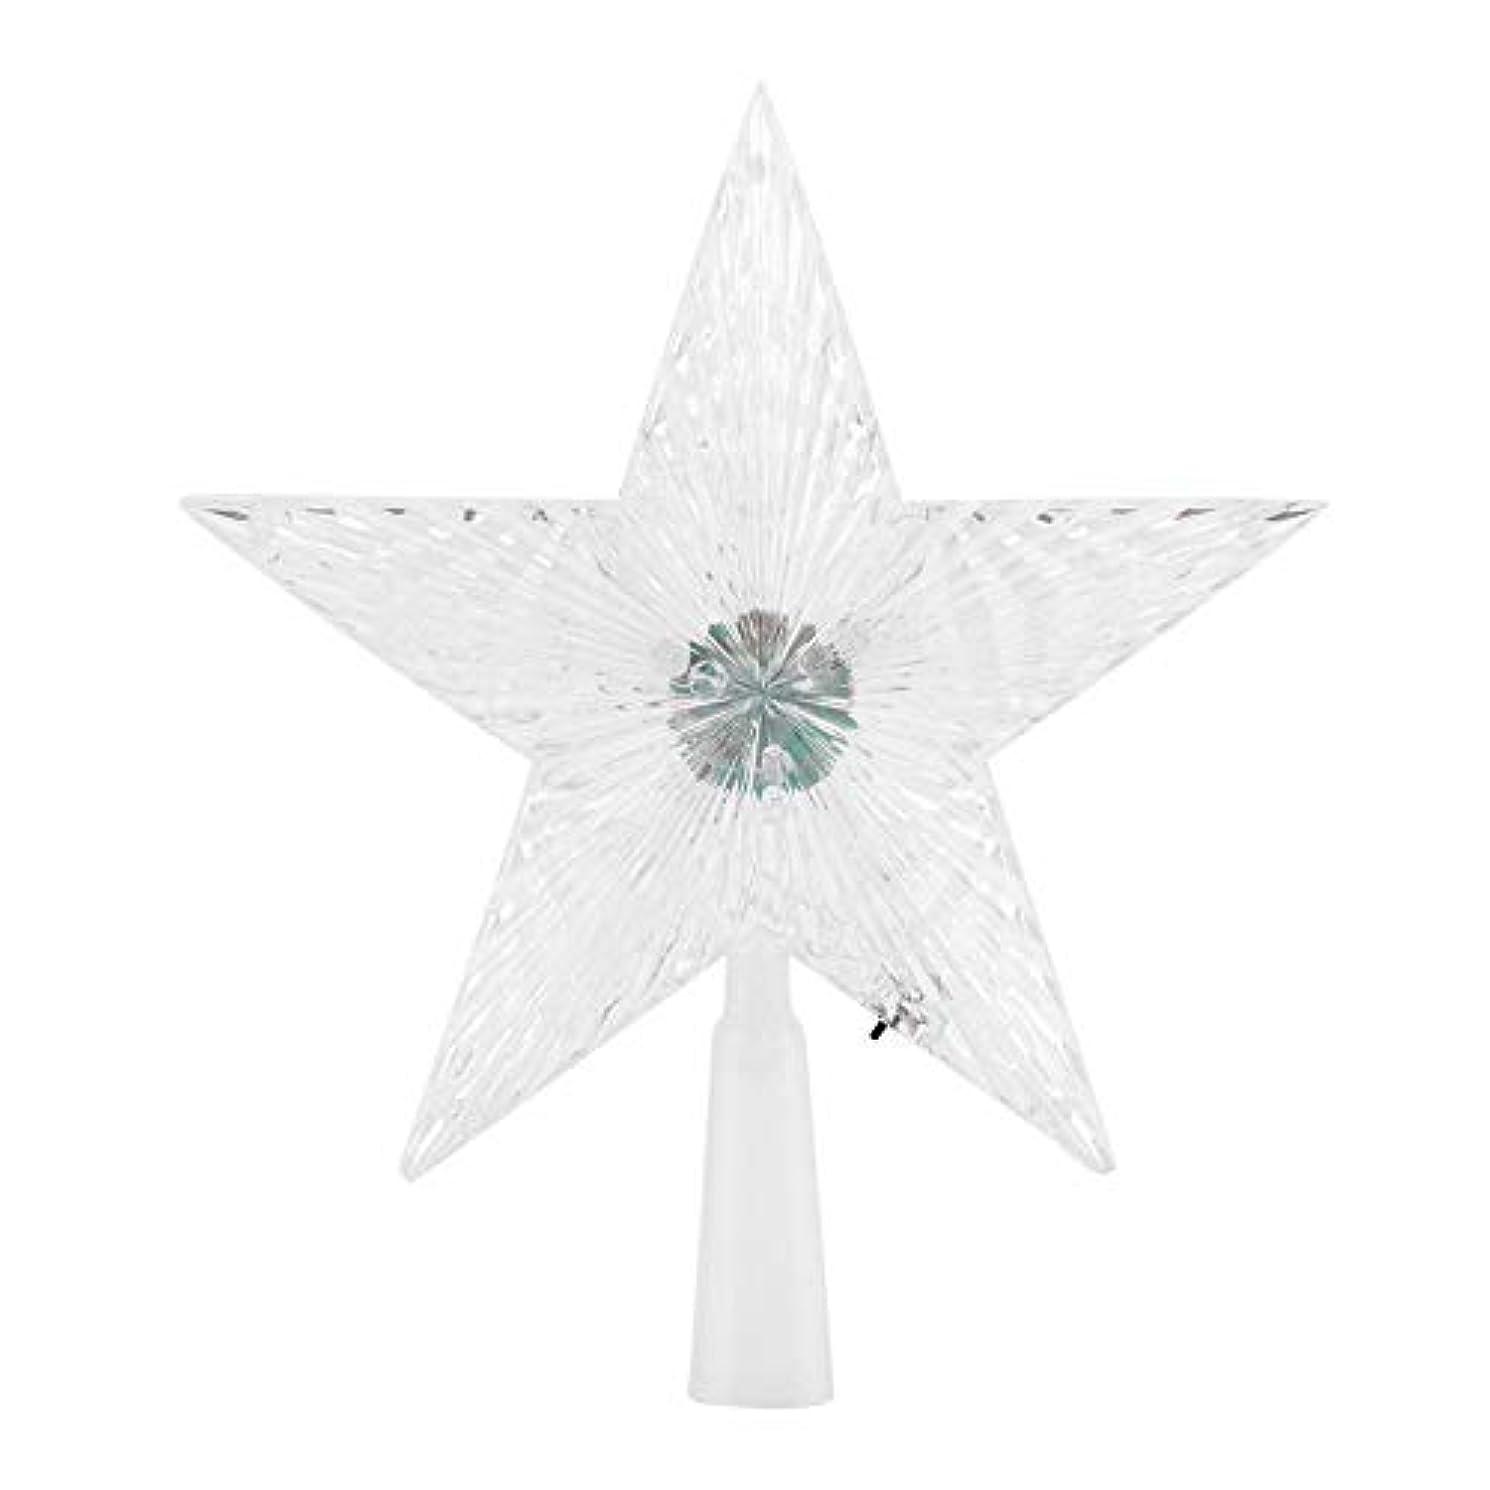 高尚なメッシュ感心するSemmeスターツリートッパー、クリスマスツリーの装飾輝き星飾り屋内屋外用の5つの尖った星LED変更ライトツリートップ(small)